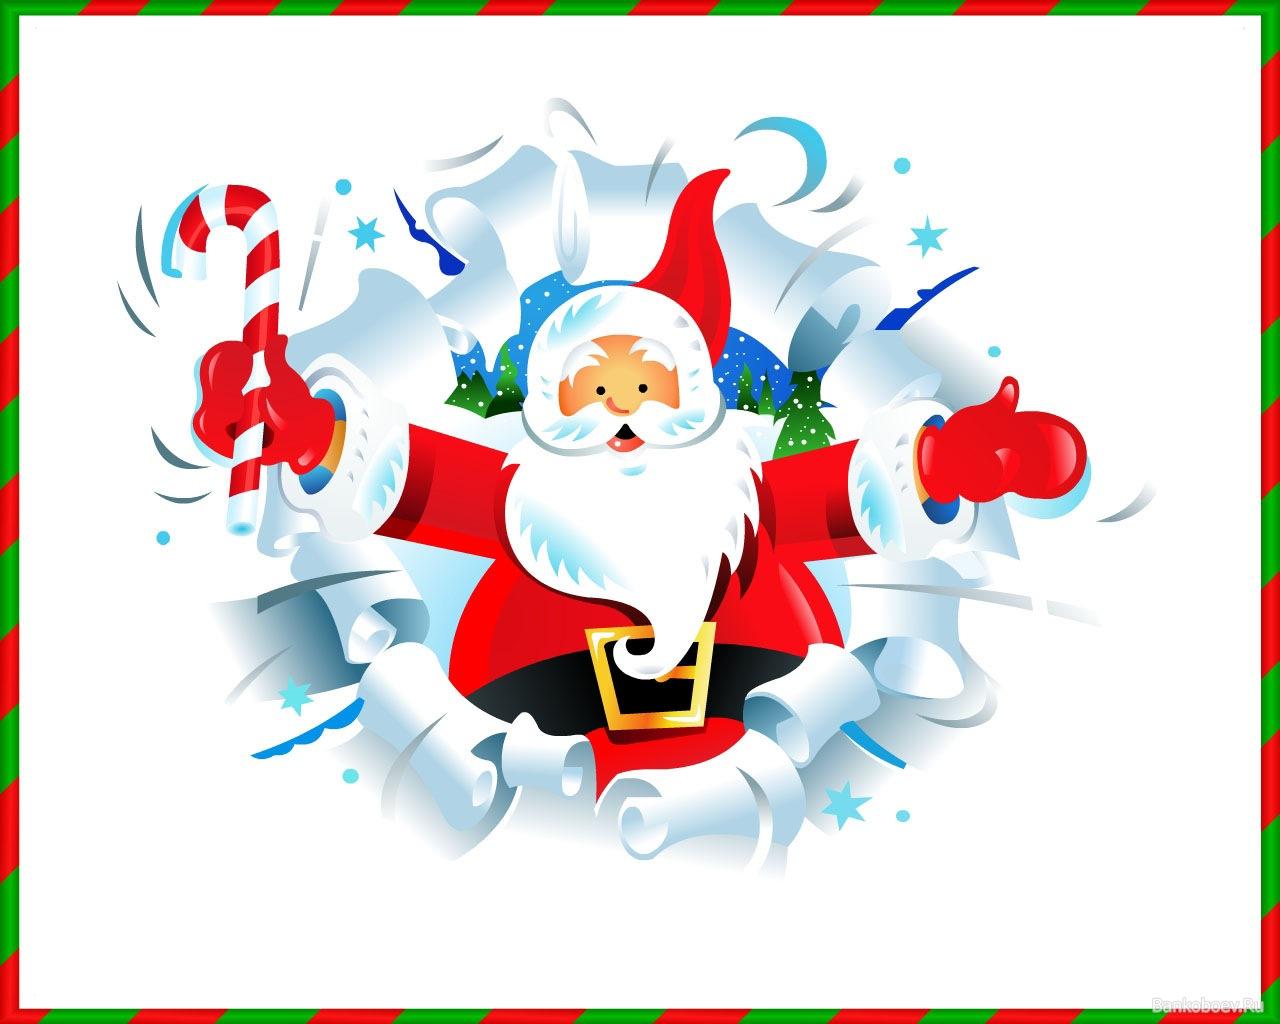 Открытка. День Рождения Деда Мороза. Дед Мороз родился